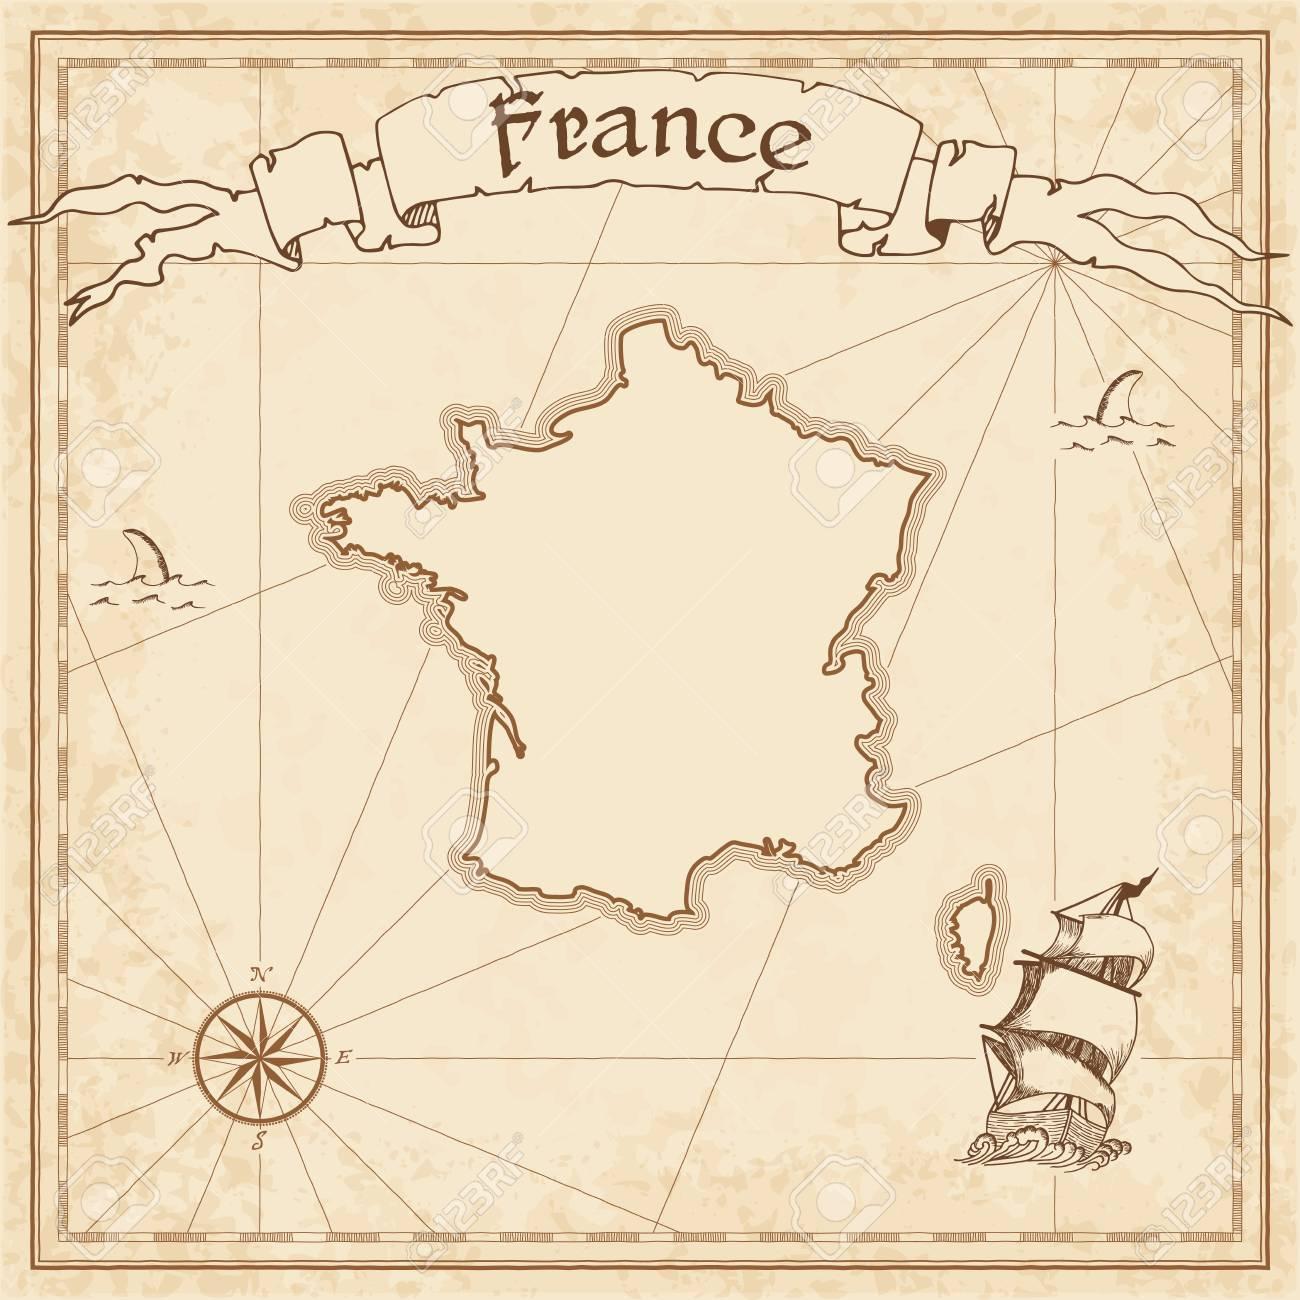 Une Carte Au Tresor En Allemand.Ancienne Carte Au Tresor De France Sepia Grave Modele De Carte Pirate Carte De Pirate Stylisee Sur Papier Vintage